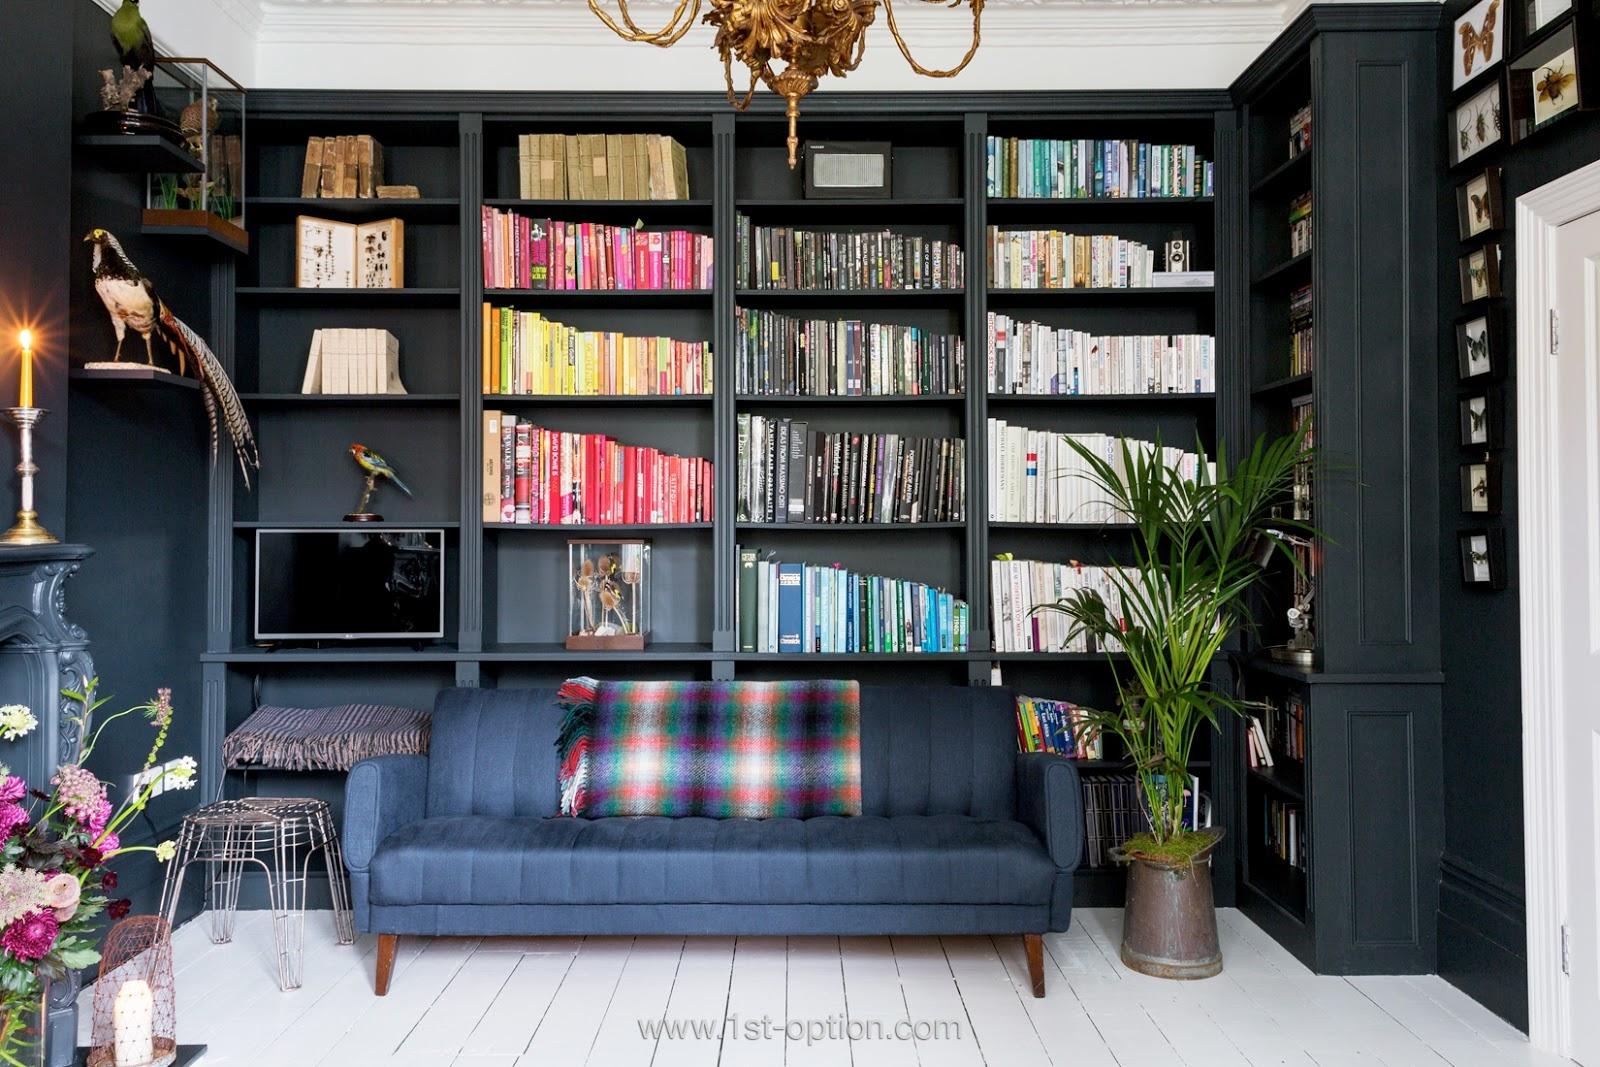 Livres rangés par couleur sur la bibliothèque